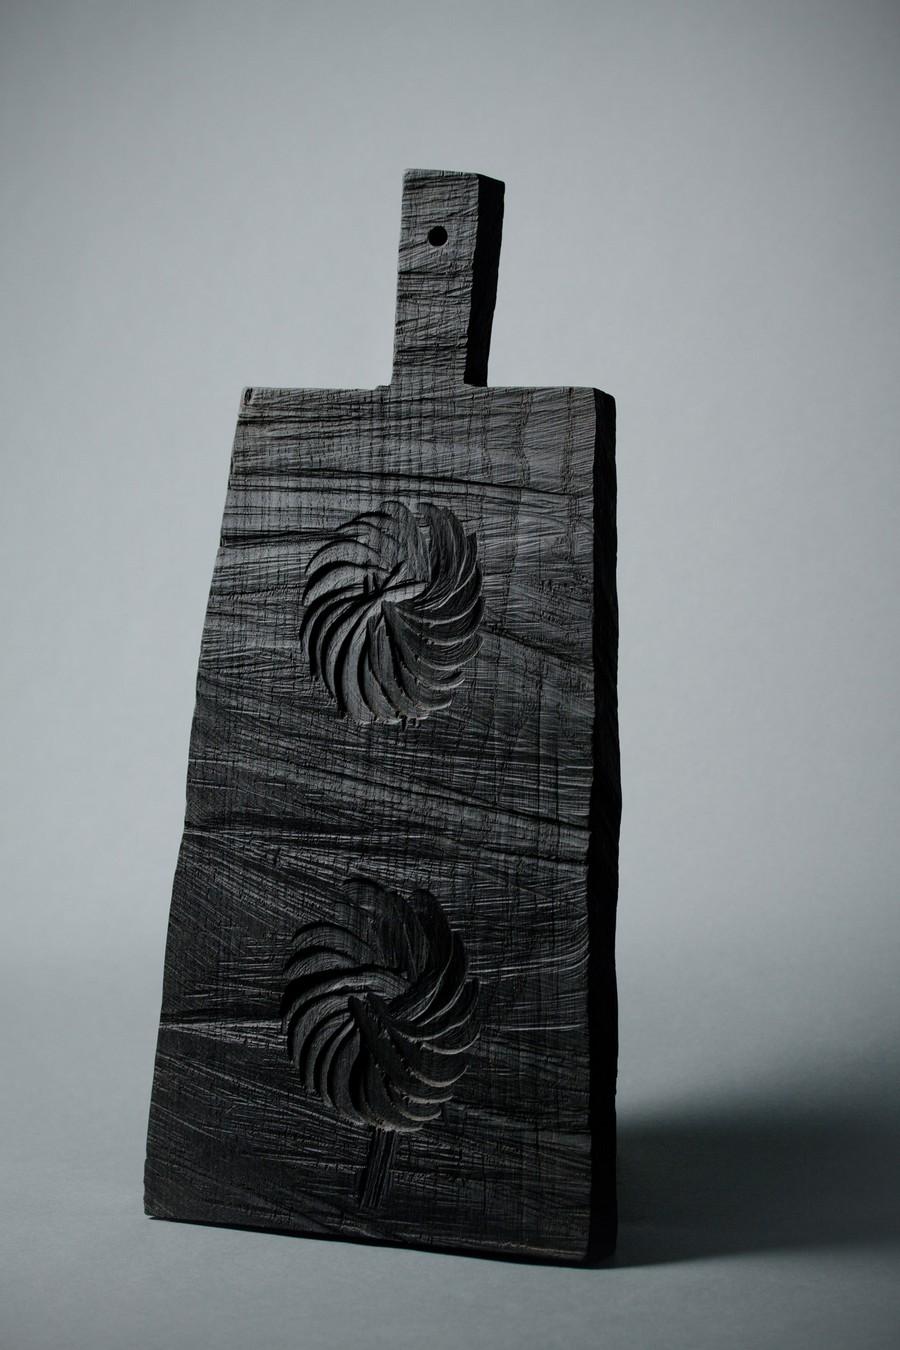 3-soha-decorative-wooden-board-panel-home-decor-by-Denis-Milovanov-dark-style-gothic-conceptual-furniture-design